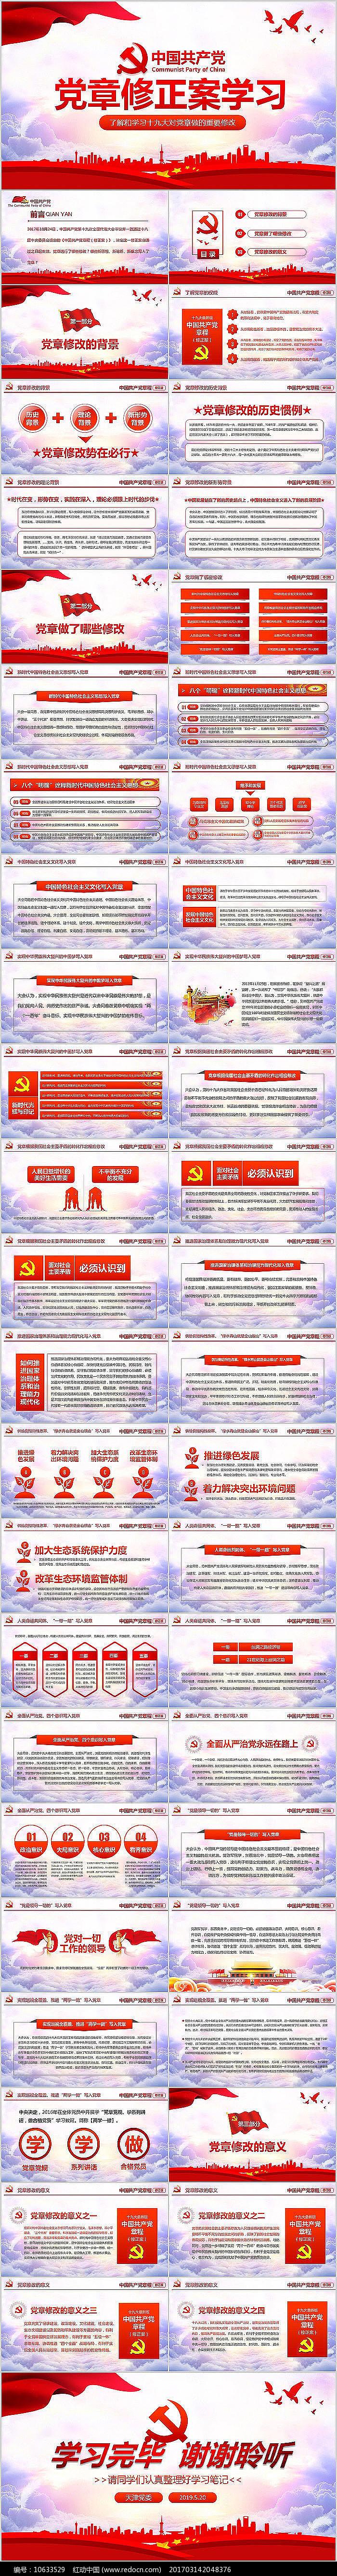 习党的十九大党章修改内容PPT课件图片